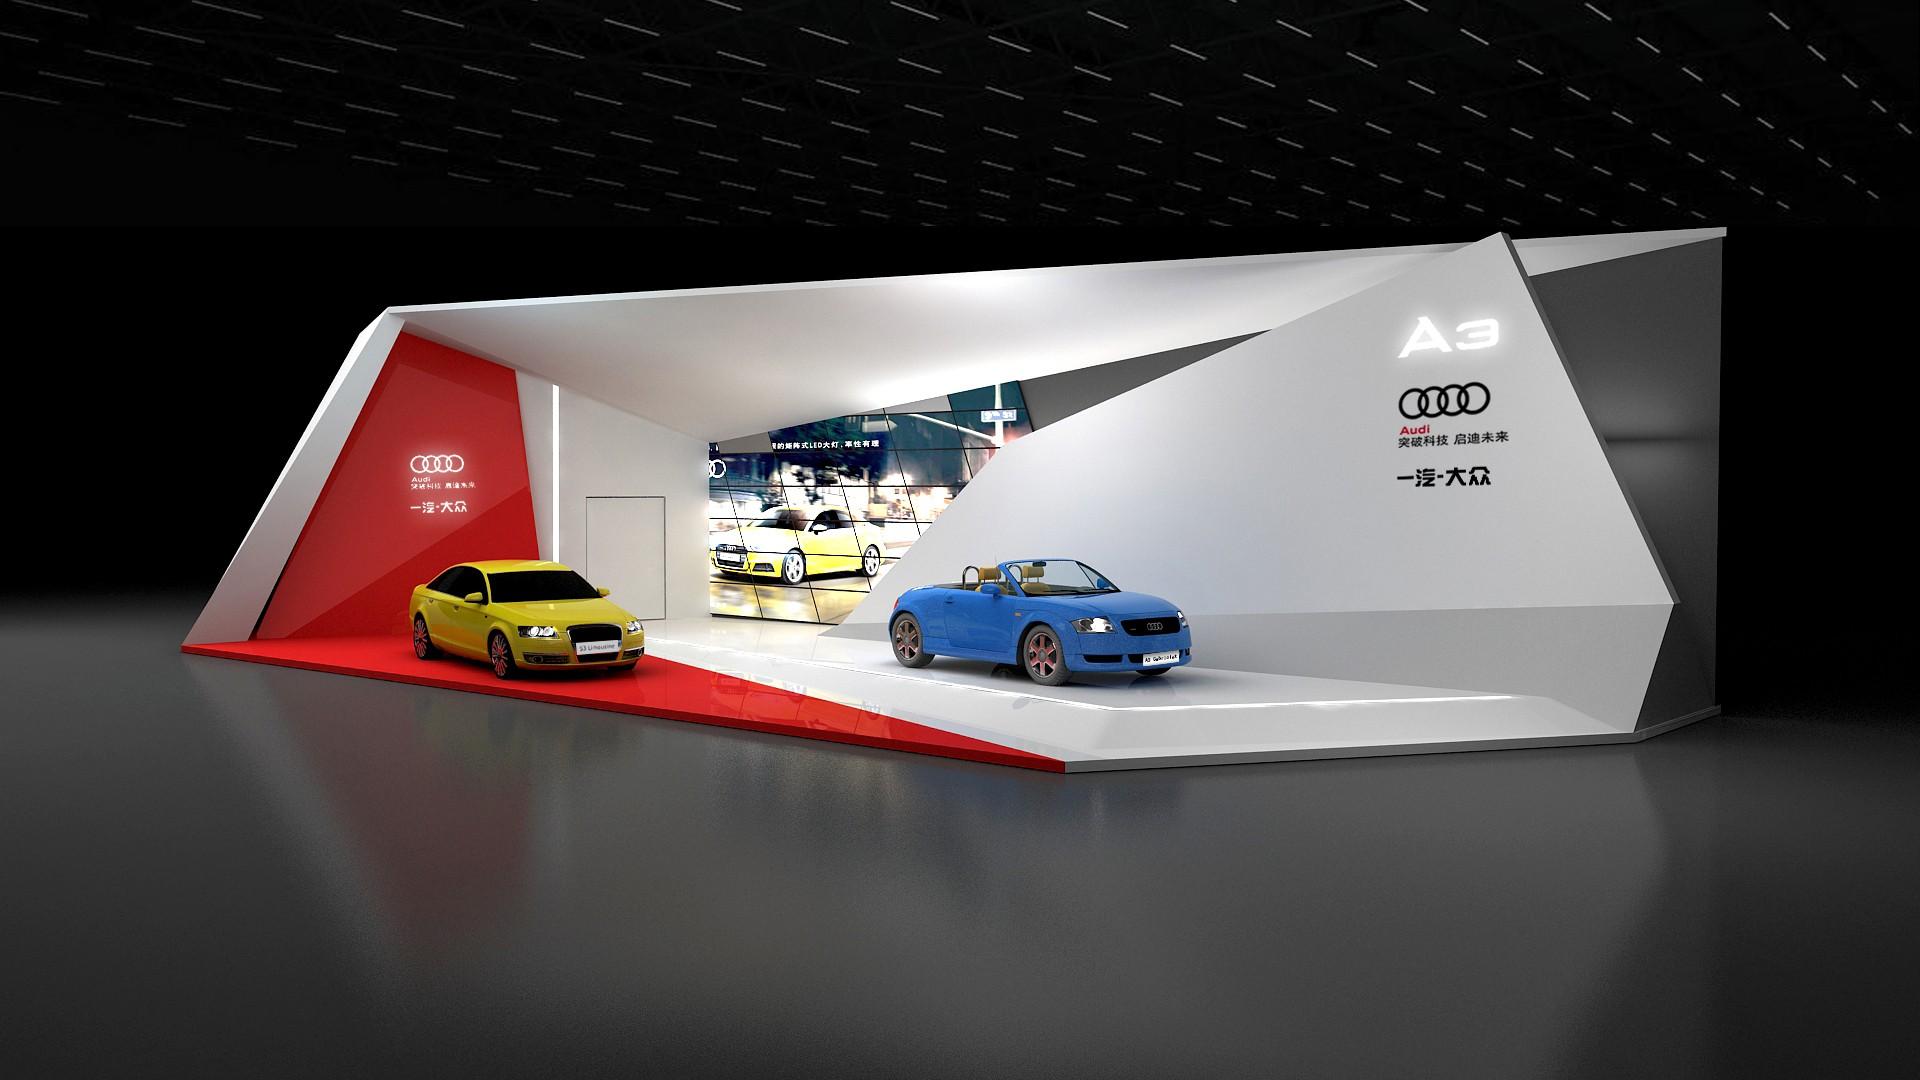 奥迪新品上市活动-产品展厅设计-杭州达岸品牌策划设计公司